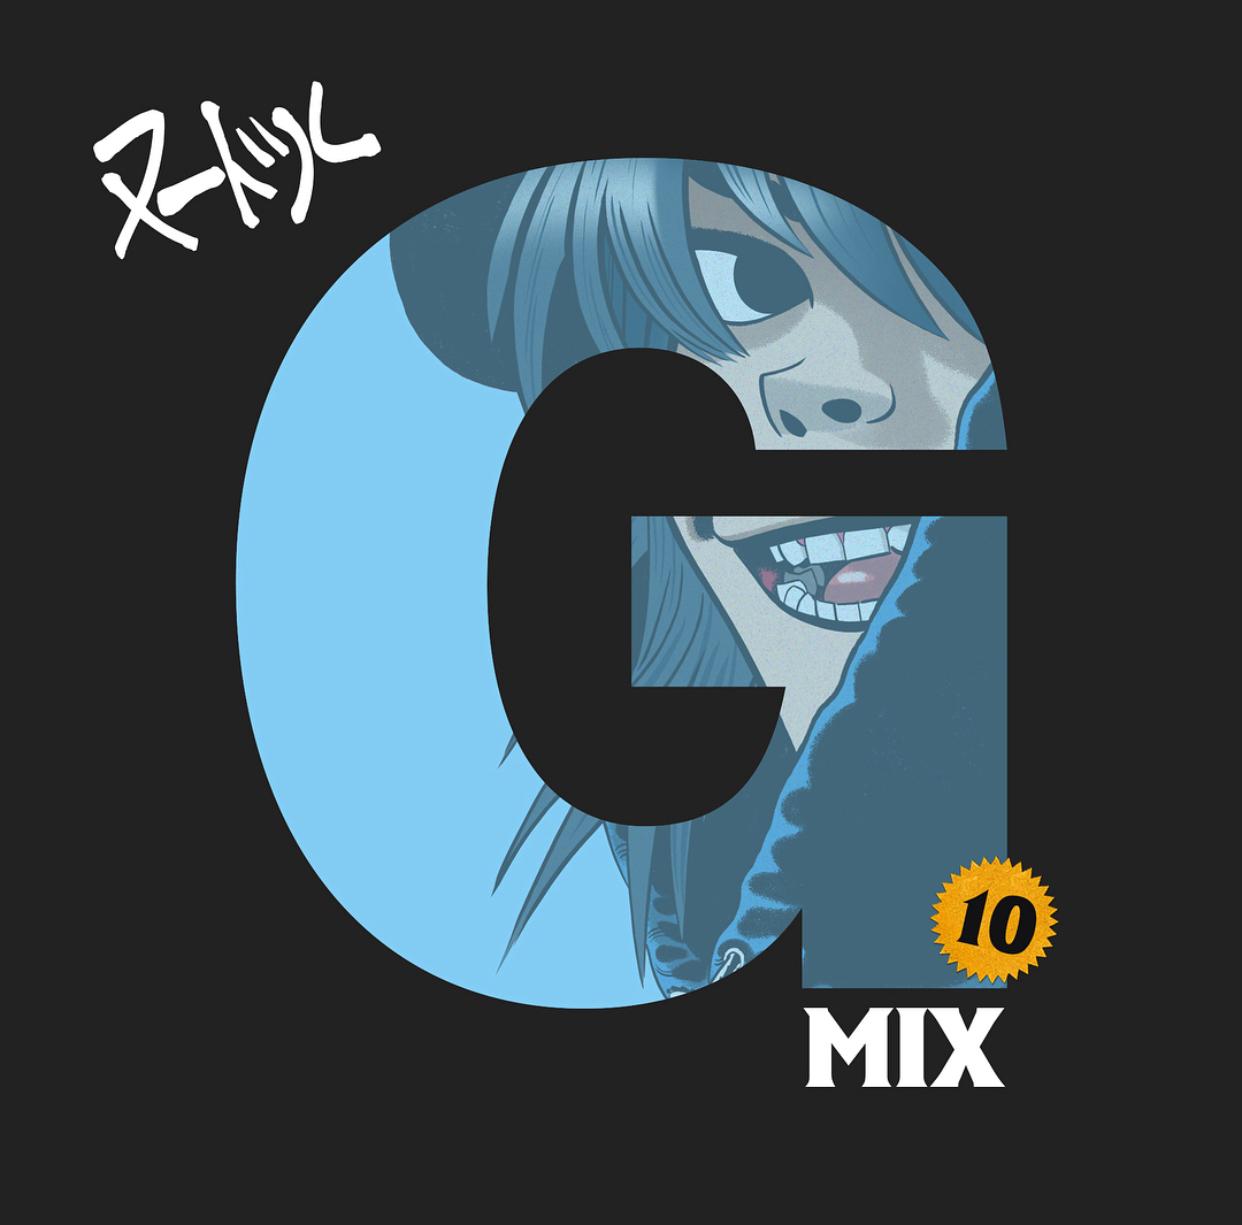 Noodle G-Mix 10